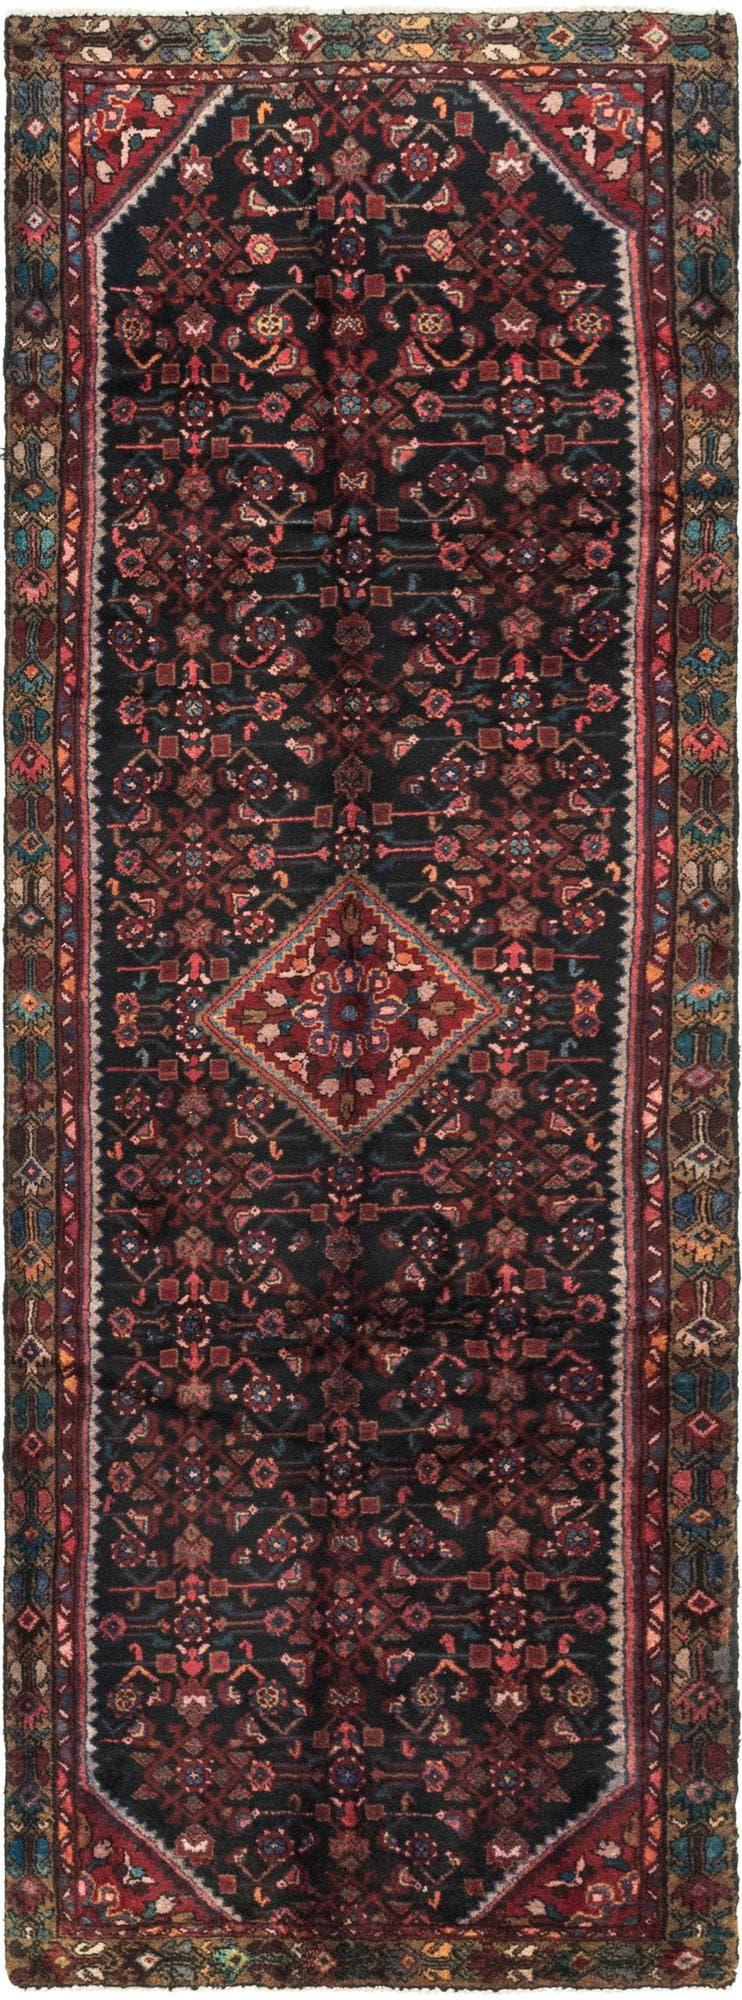 3' 4 x 10' 2 Hossainabad Persian Runner Rug main image